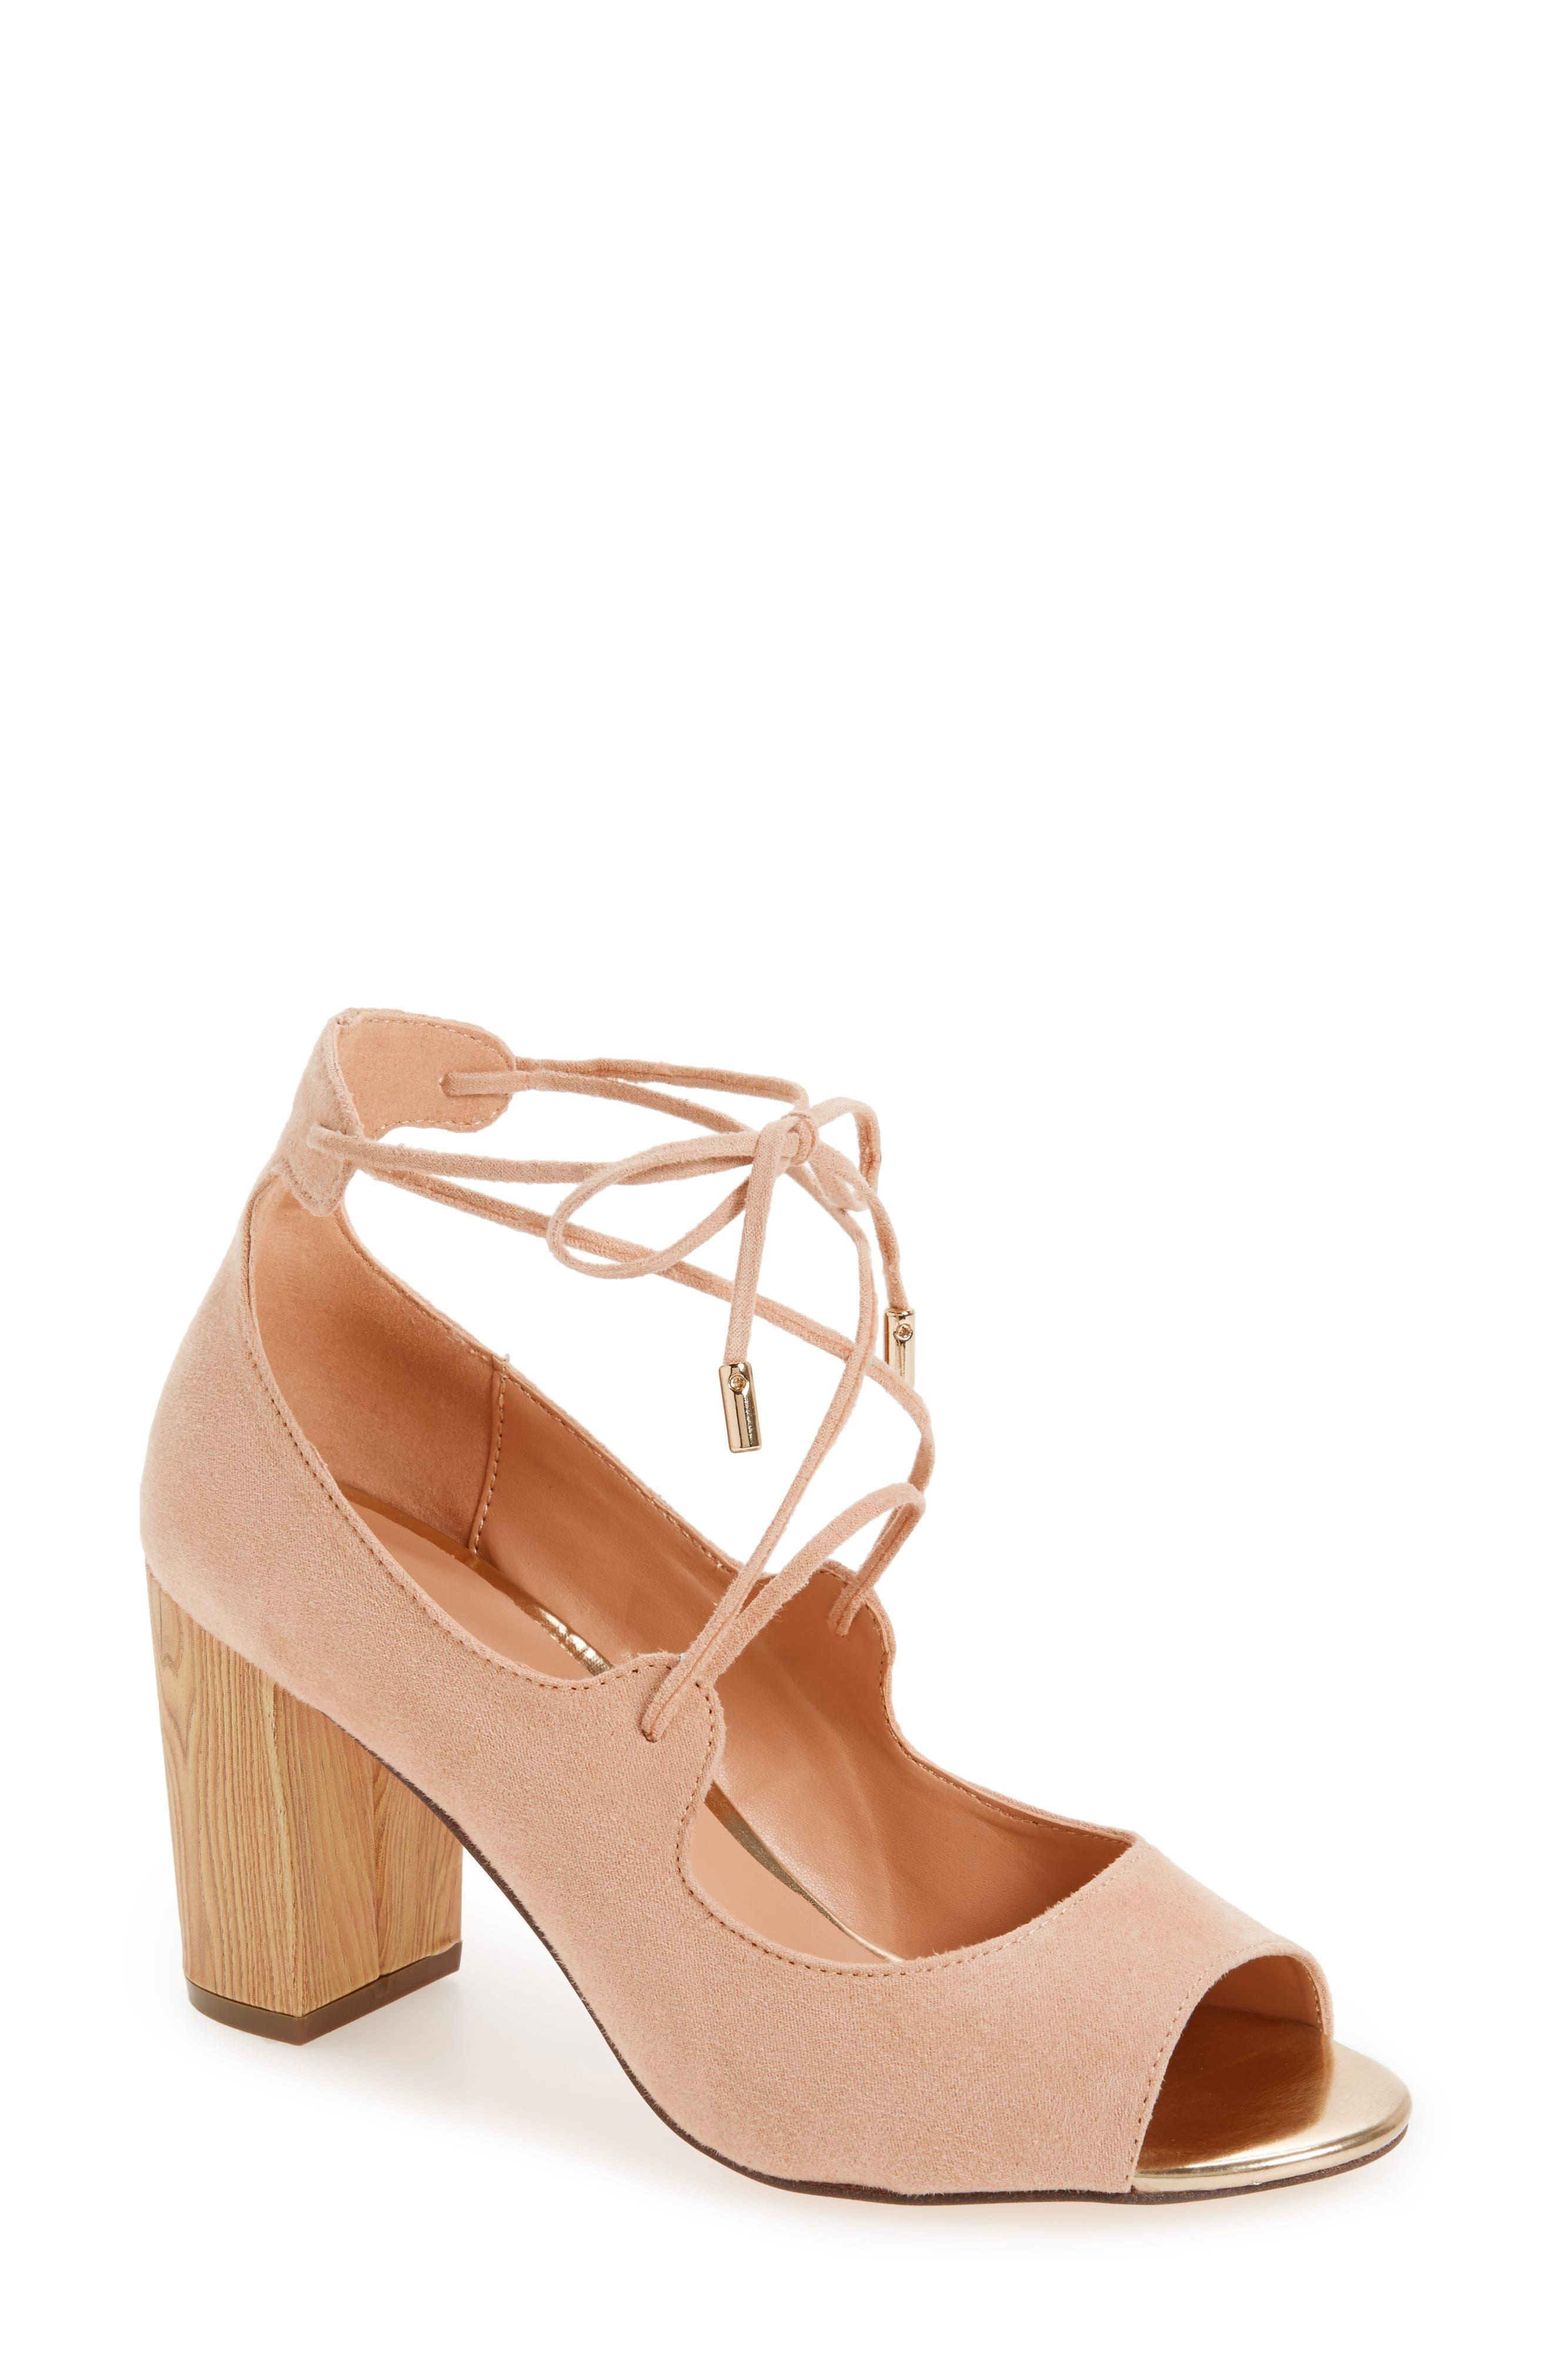 Vikki Block Heel Sandal,                             Main thumbnail 1, color,                             Nude Faux Suede